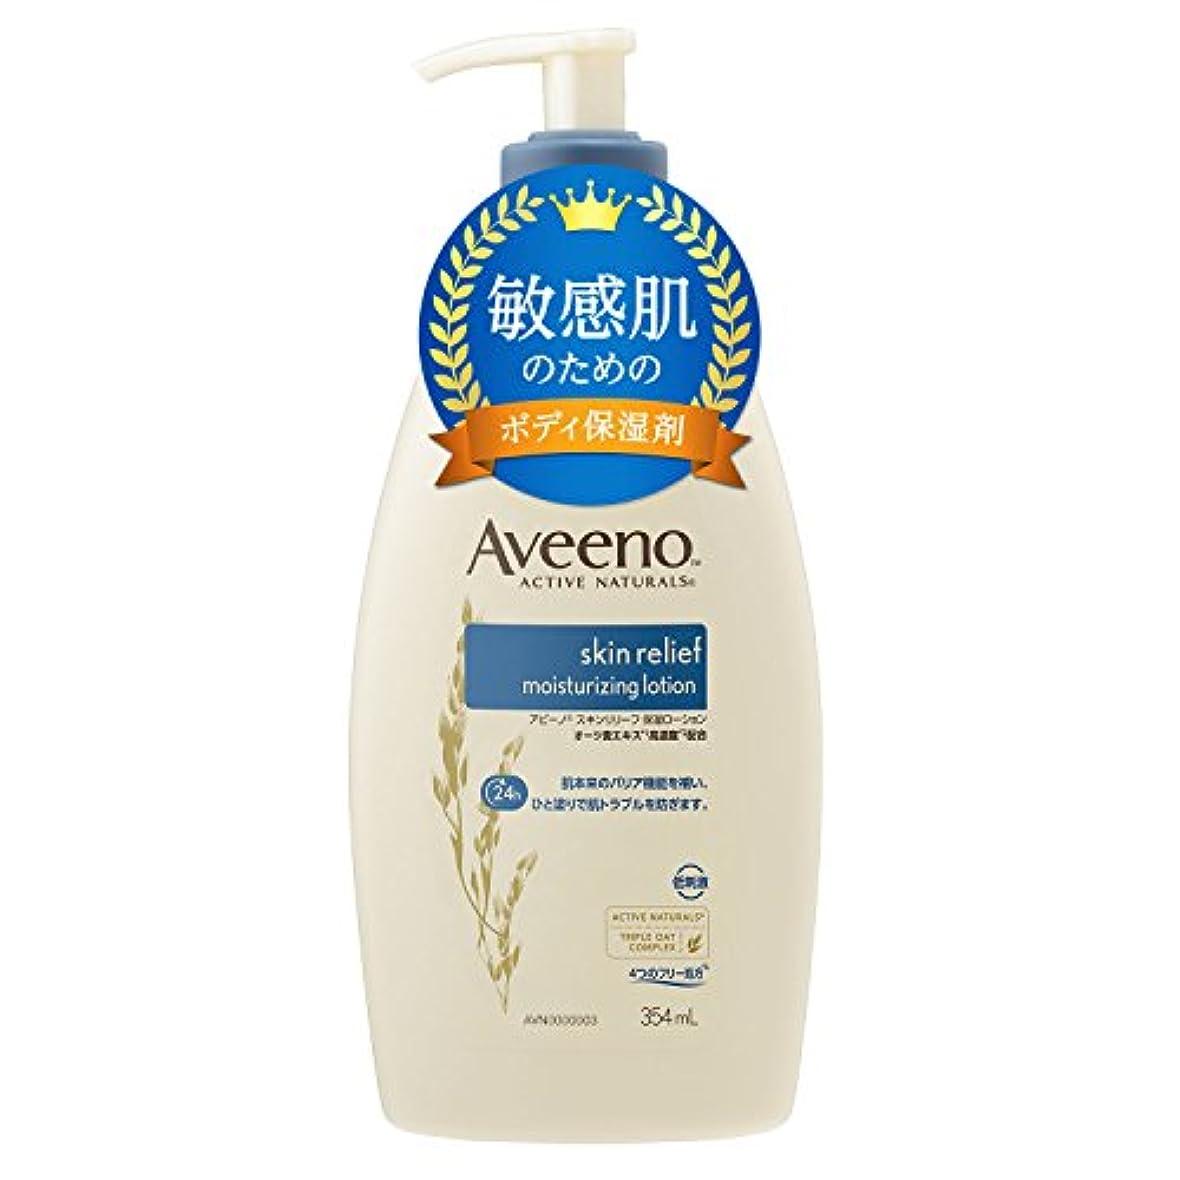 ギネス狼左【Amazon.co.jp限定】Aveeno(アビーノ) スキンリリーフ 保湿ローション 354ml 【極度の乾燥肌、敏感肌の方向け】